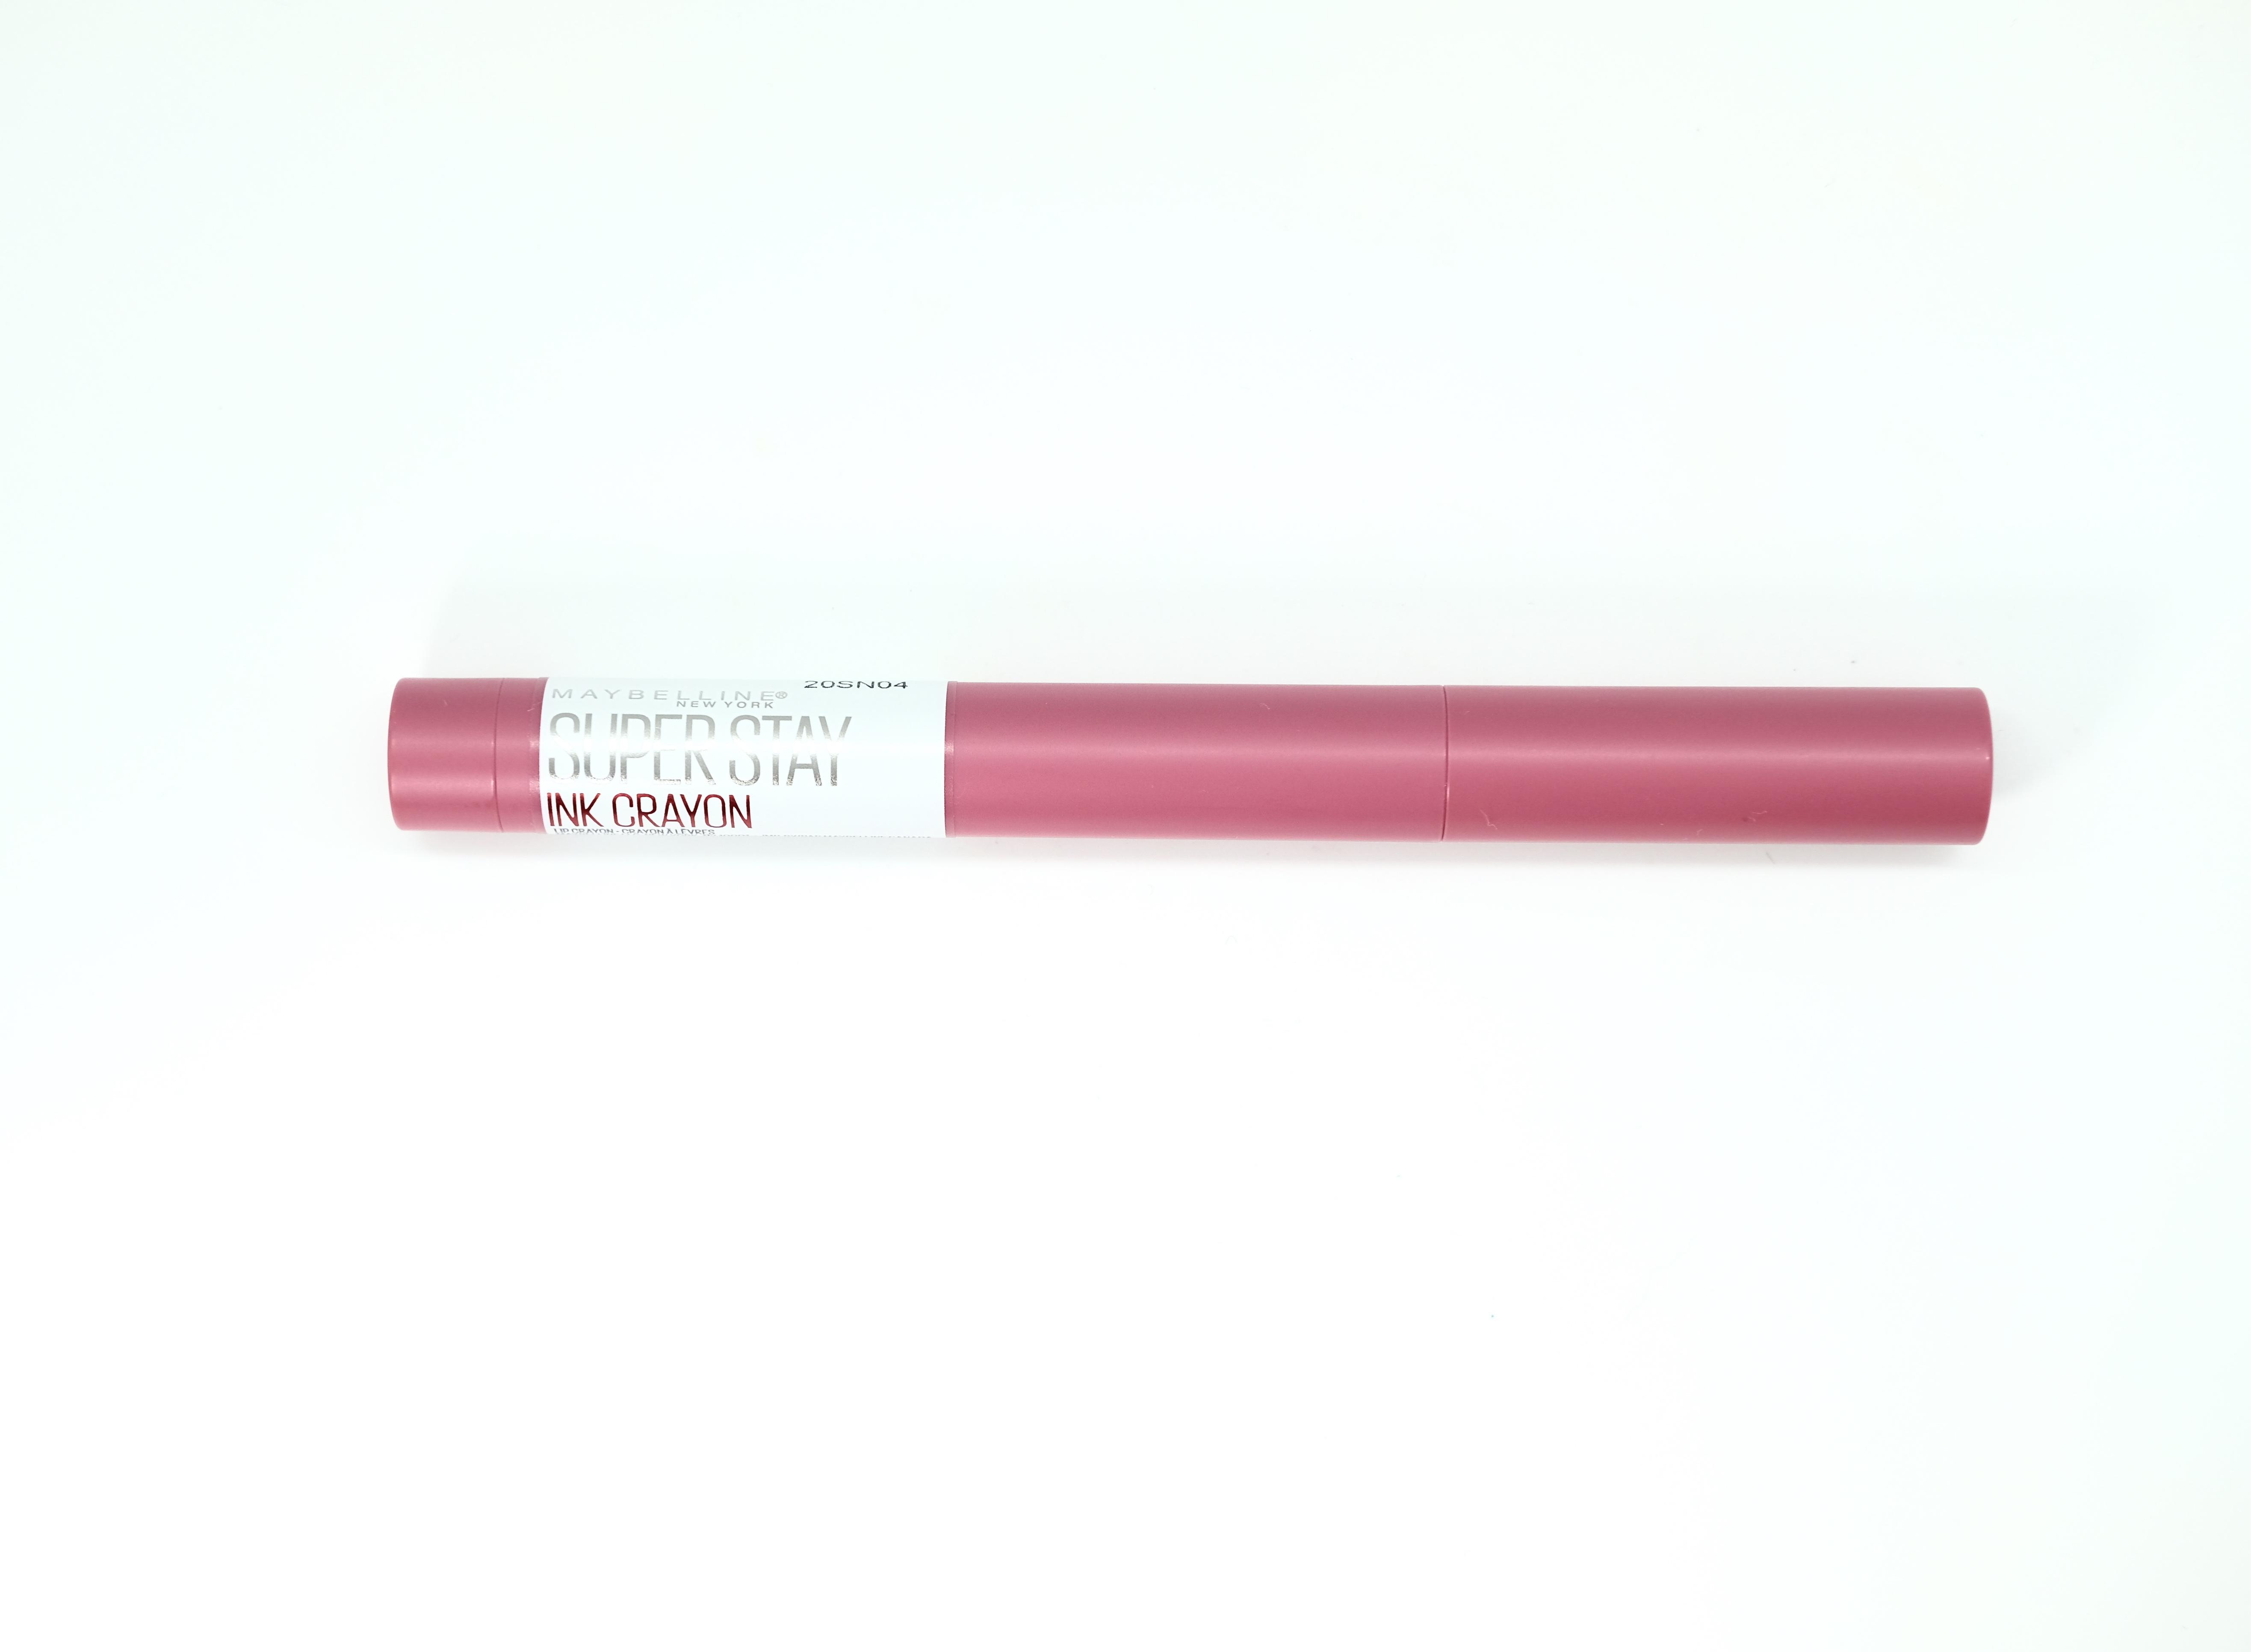 Para quienes quieren un labial de larga duración, pero con un acabado más cremoso, Maybelline New York ofrece el SuperStay Ink Crayon que esta temporada presenta nuevas tonalidades. (Suministrada)